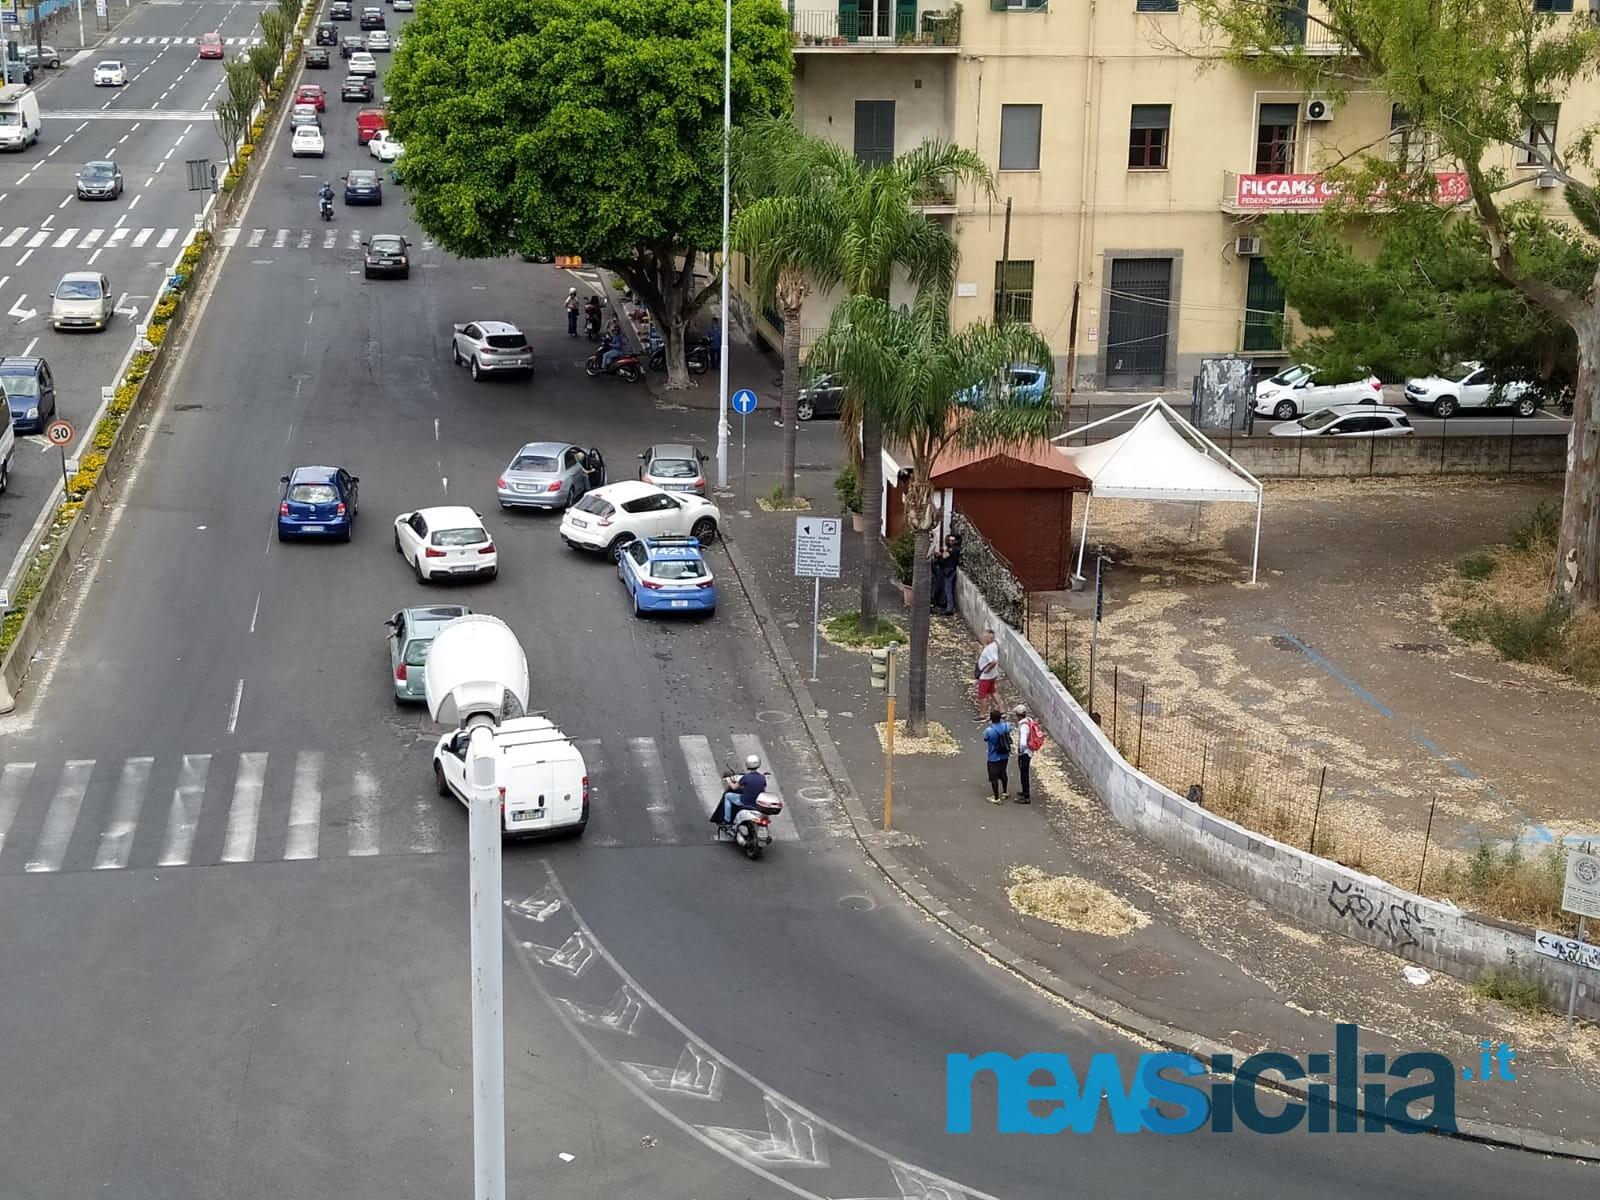 Momenti concitati a Catania, rissa tra extracomunitari in via Vincenzo Giuffrida: Volante sul posto